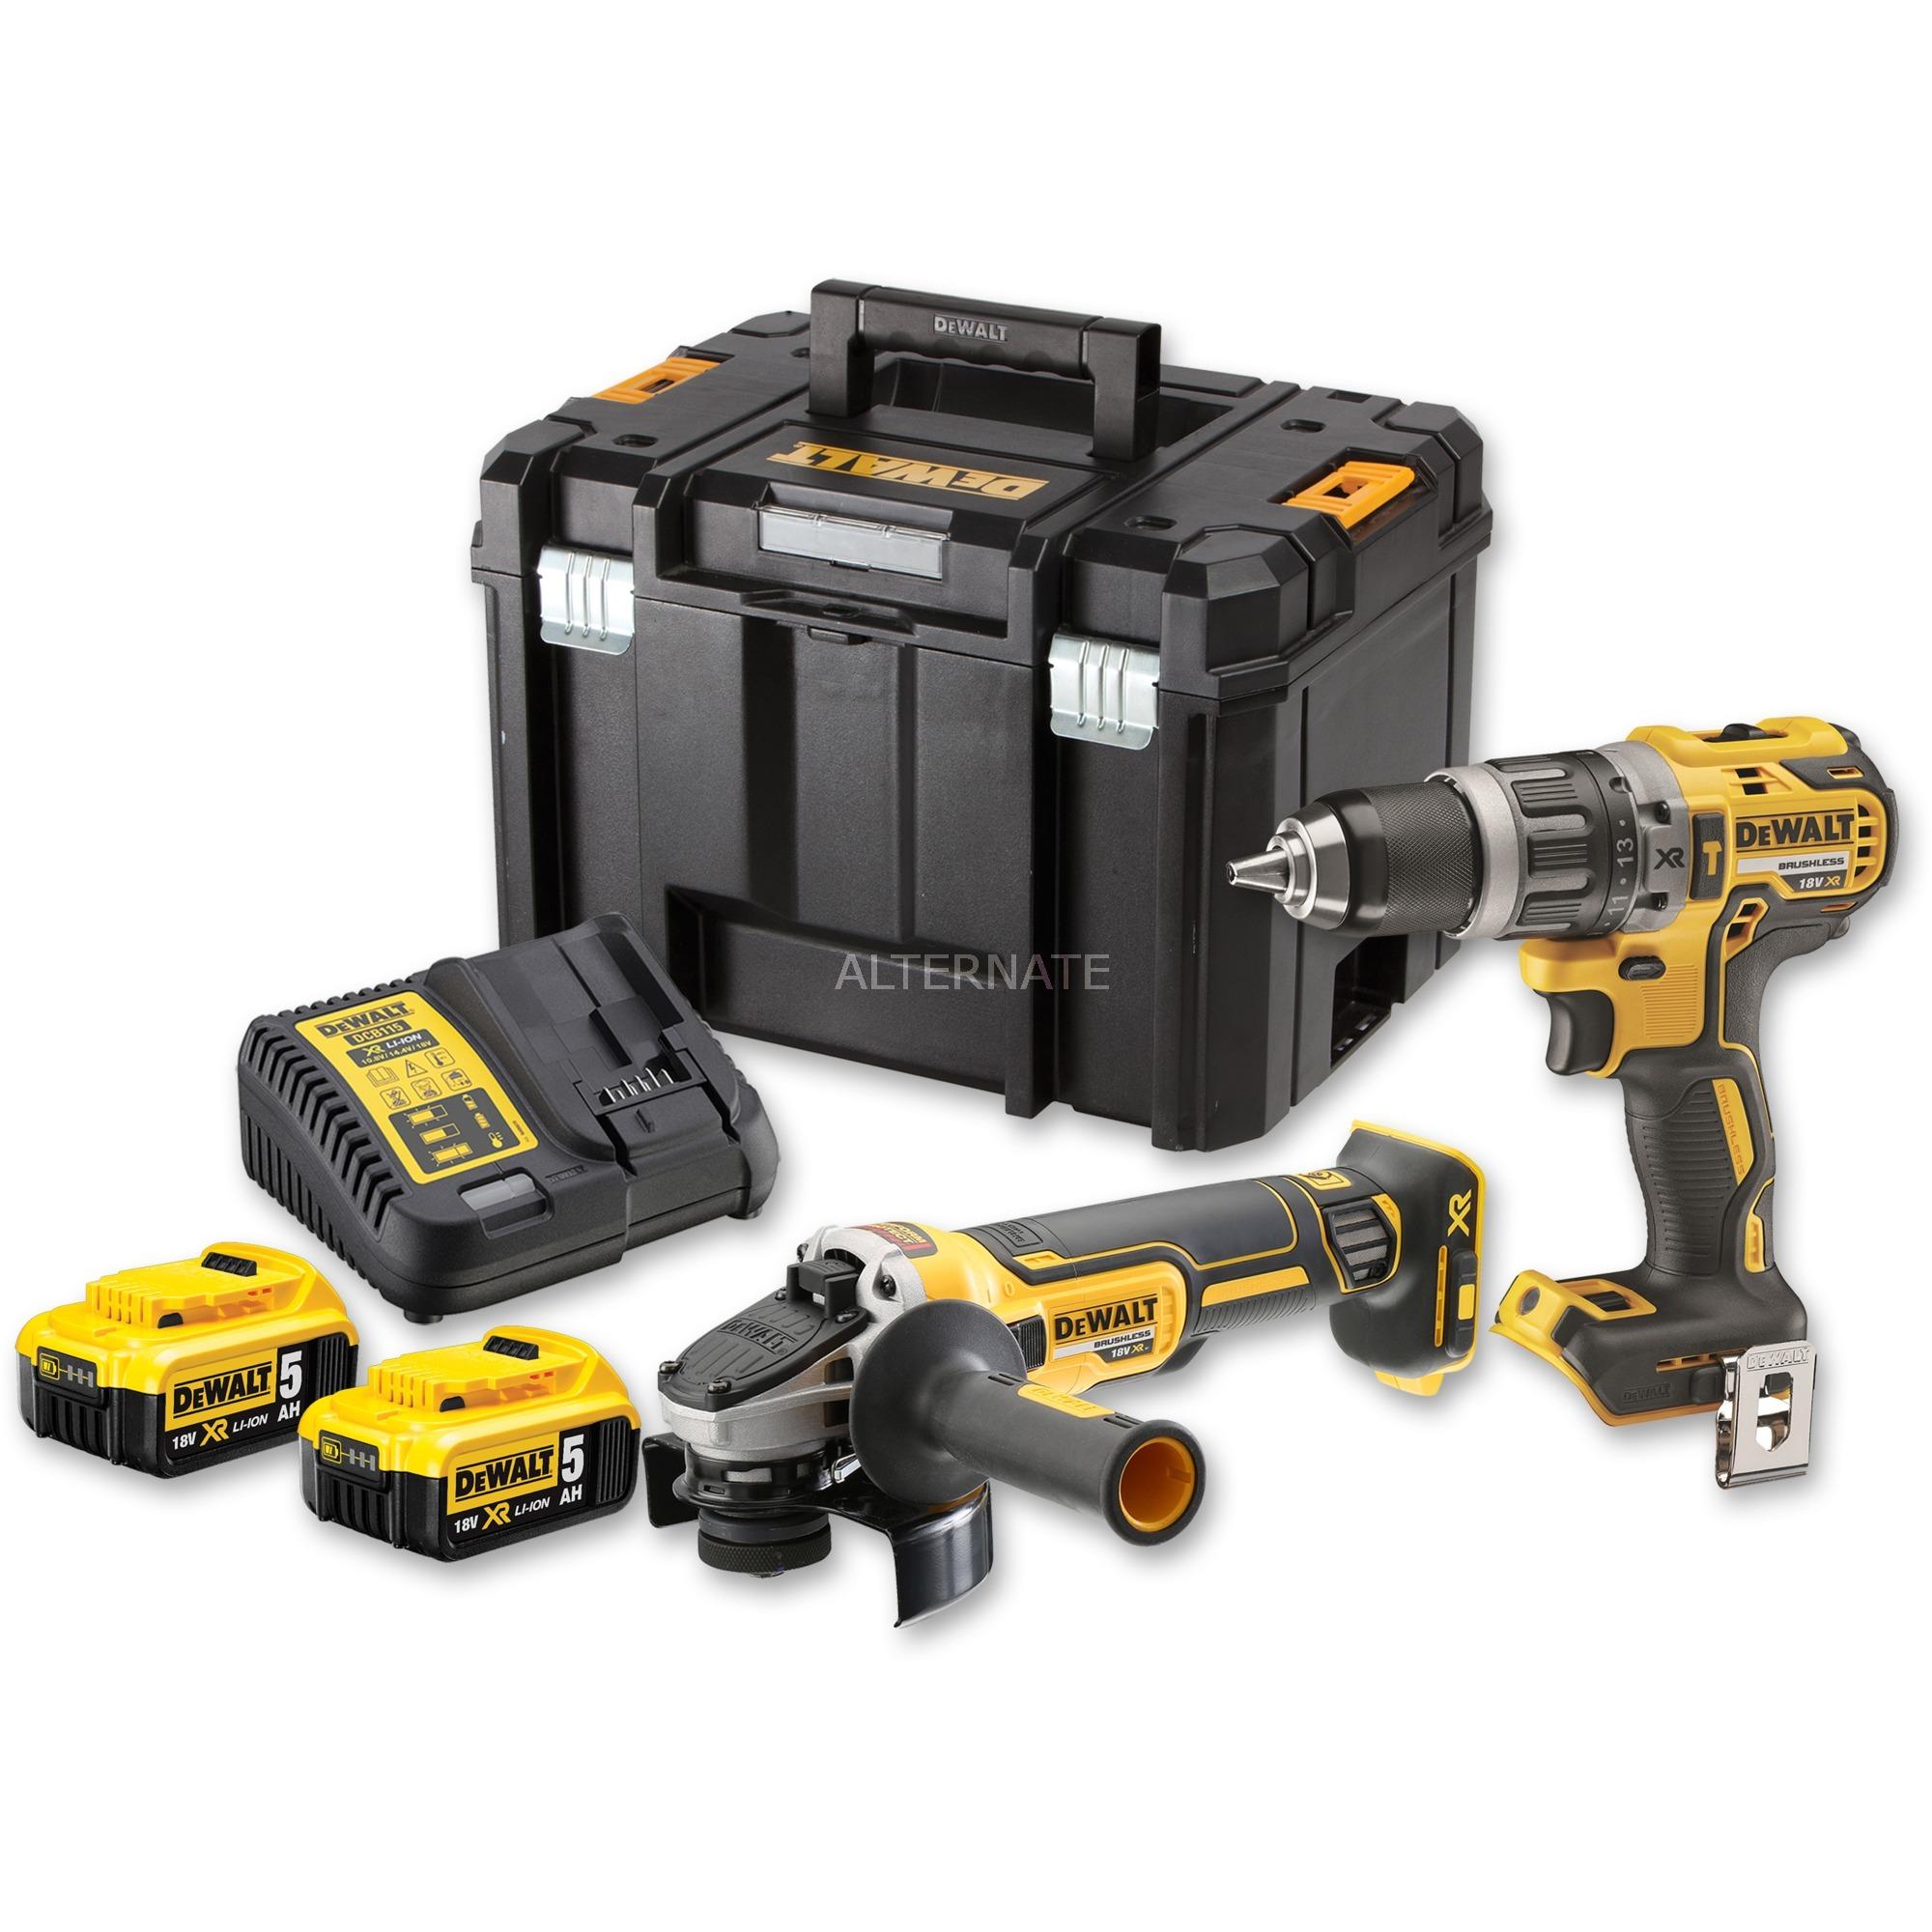 DCK2080P2T-QW, Kit de herramientas